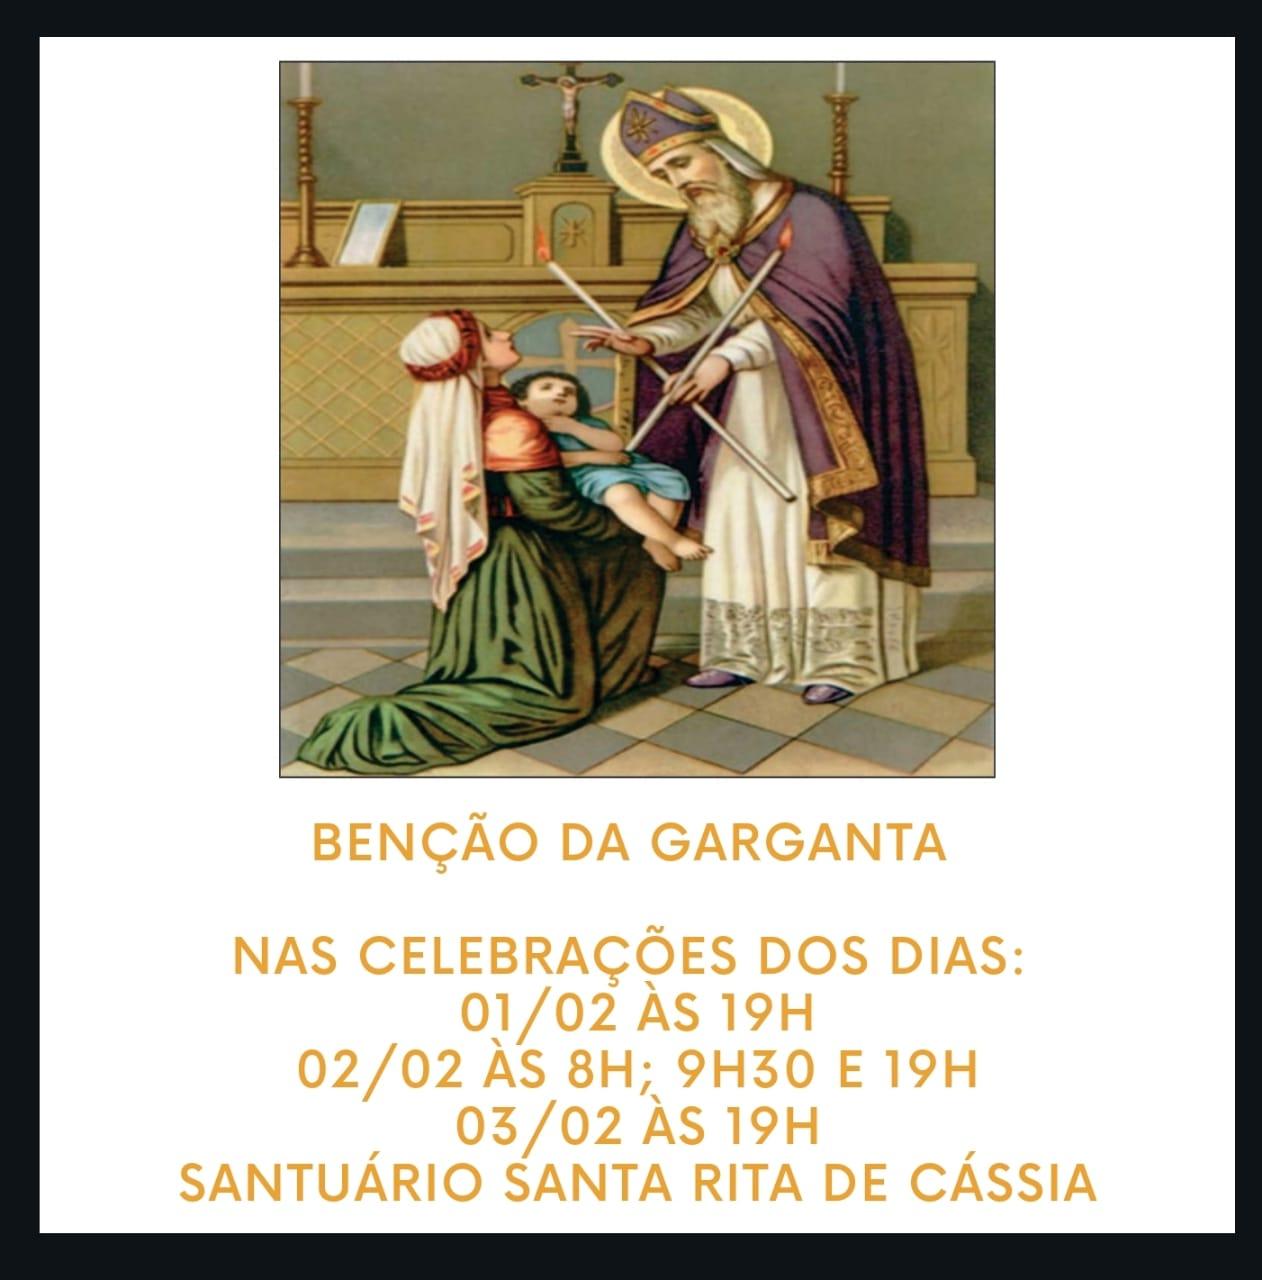 Benção da Garganta